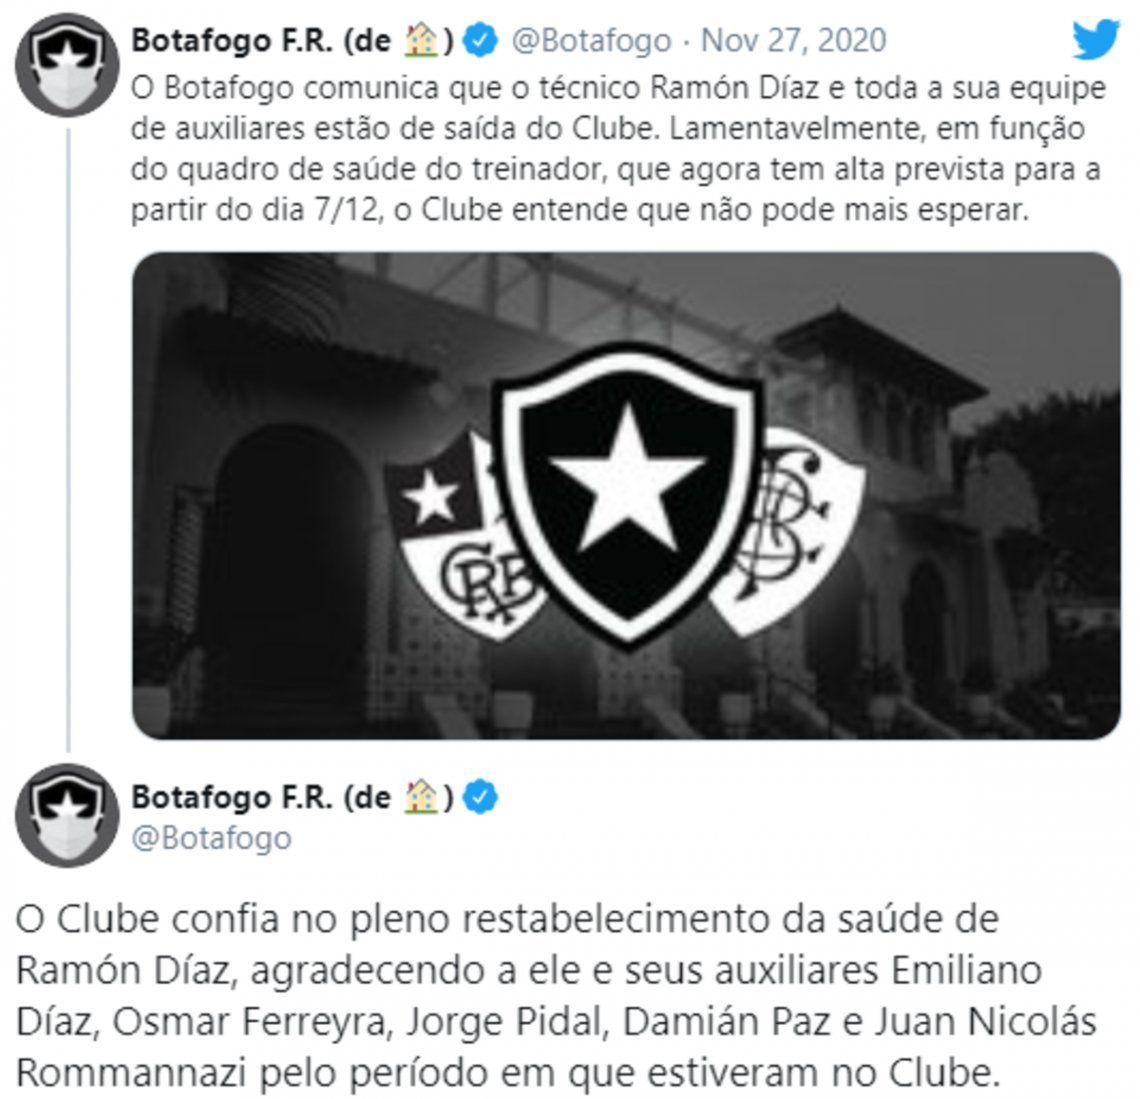 El comunicado de Botafogo